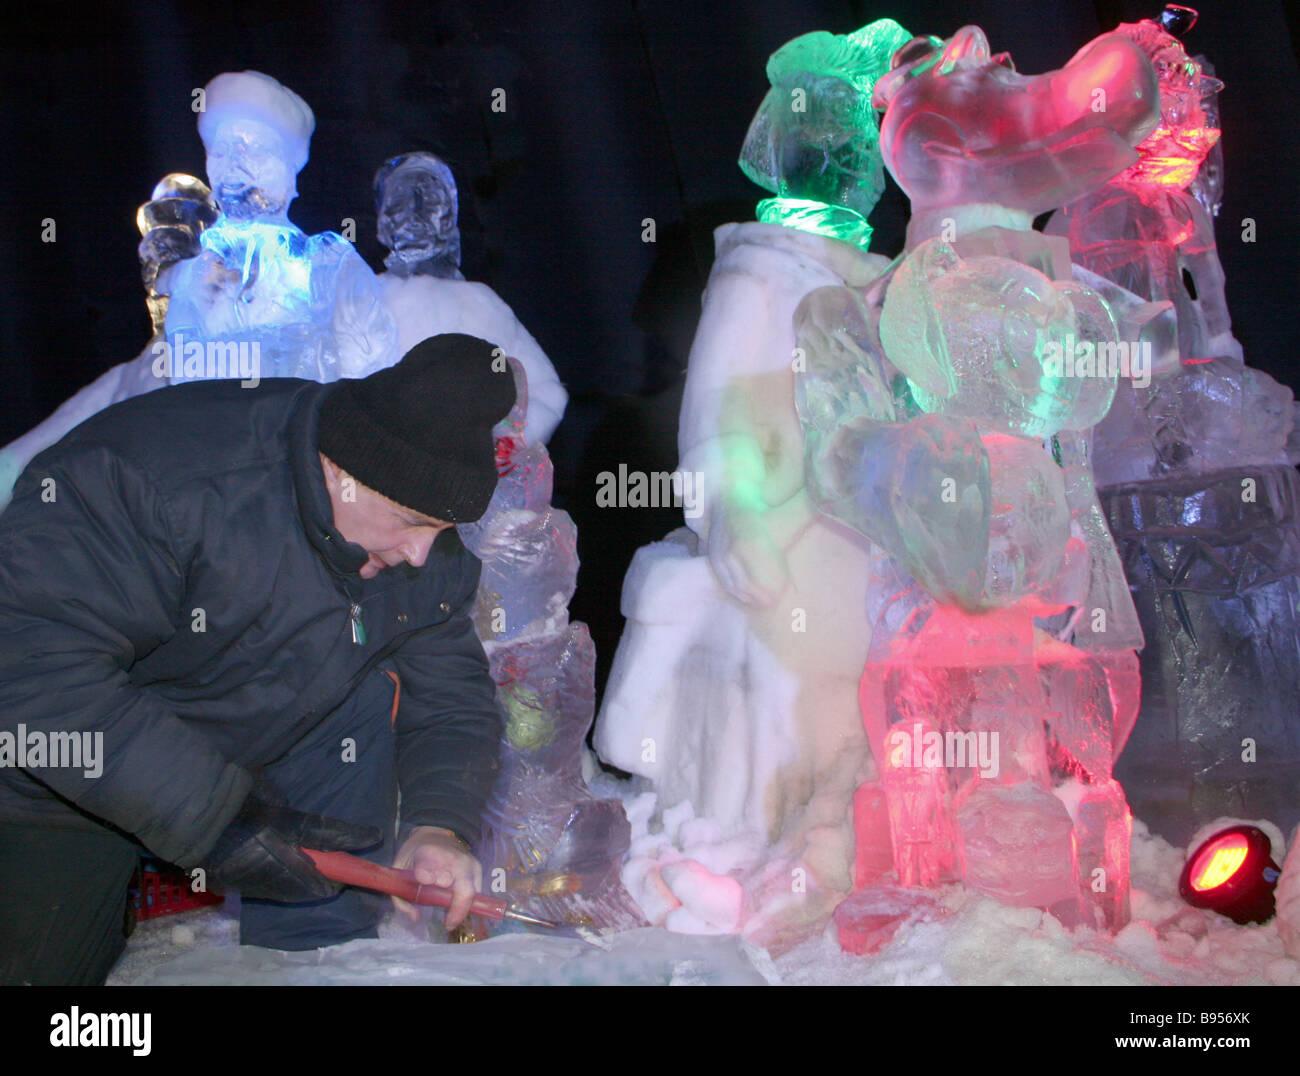 Un palais de glace a ouvert près de la station de métro Staraya ...